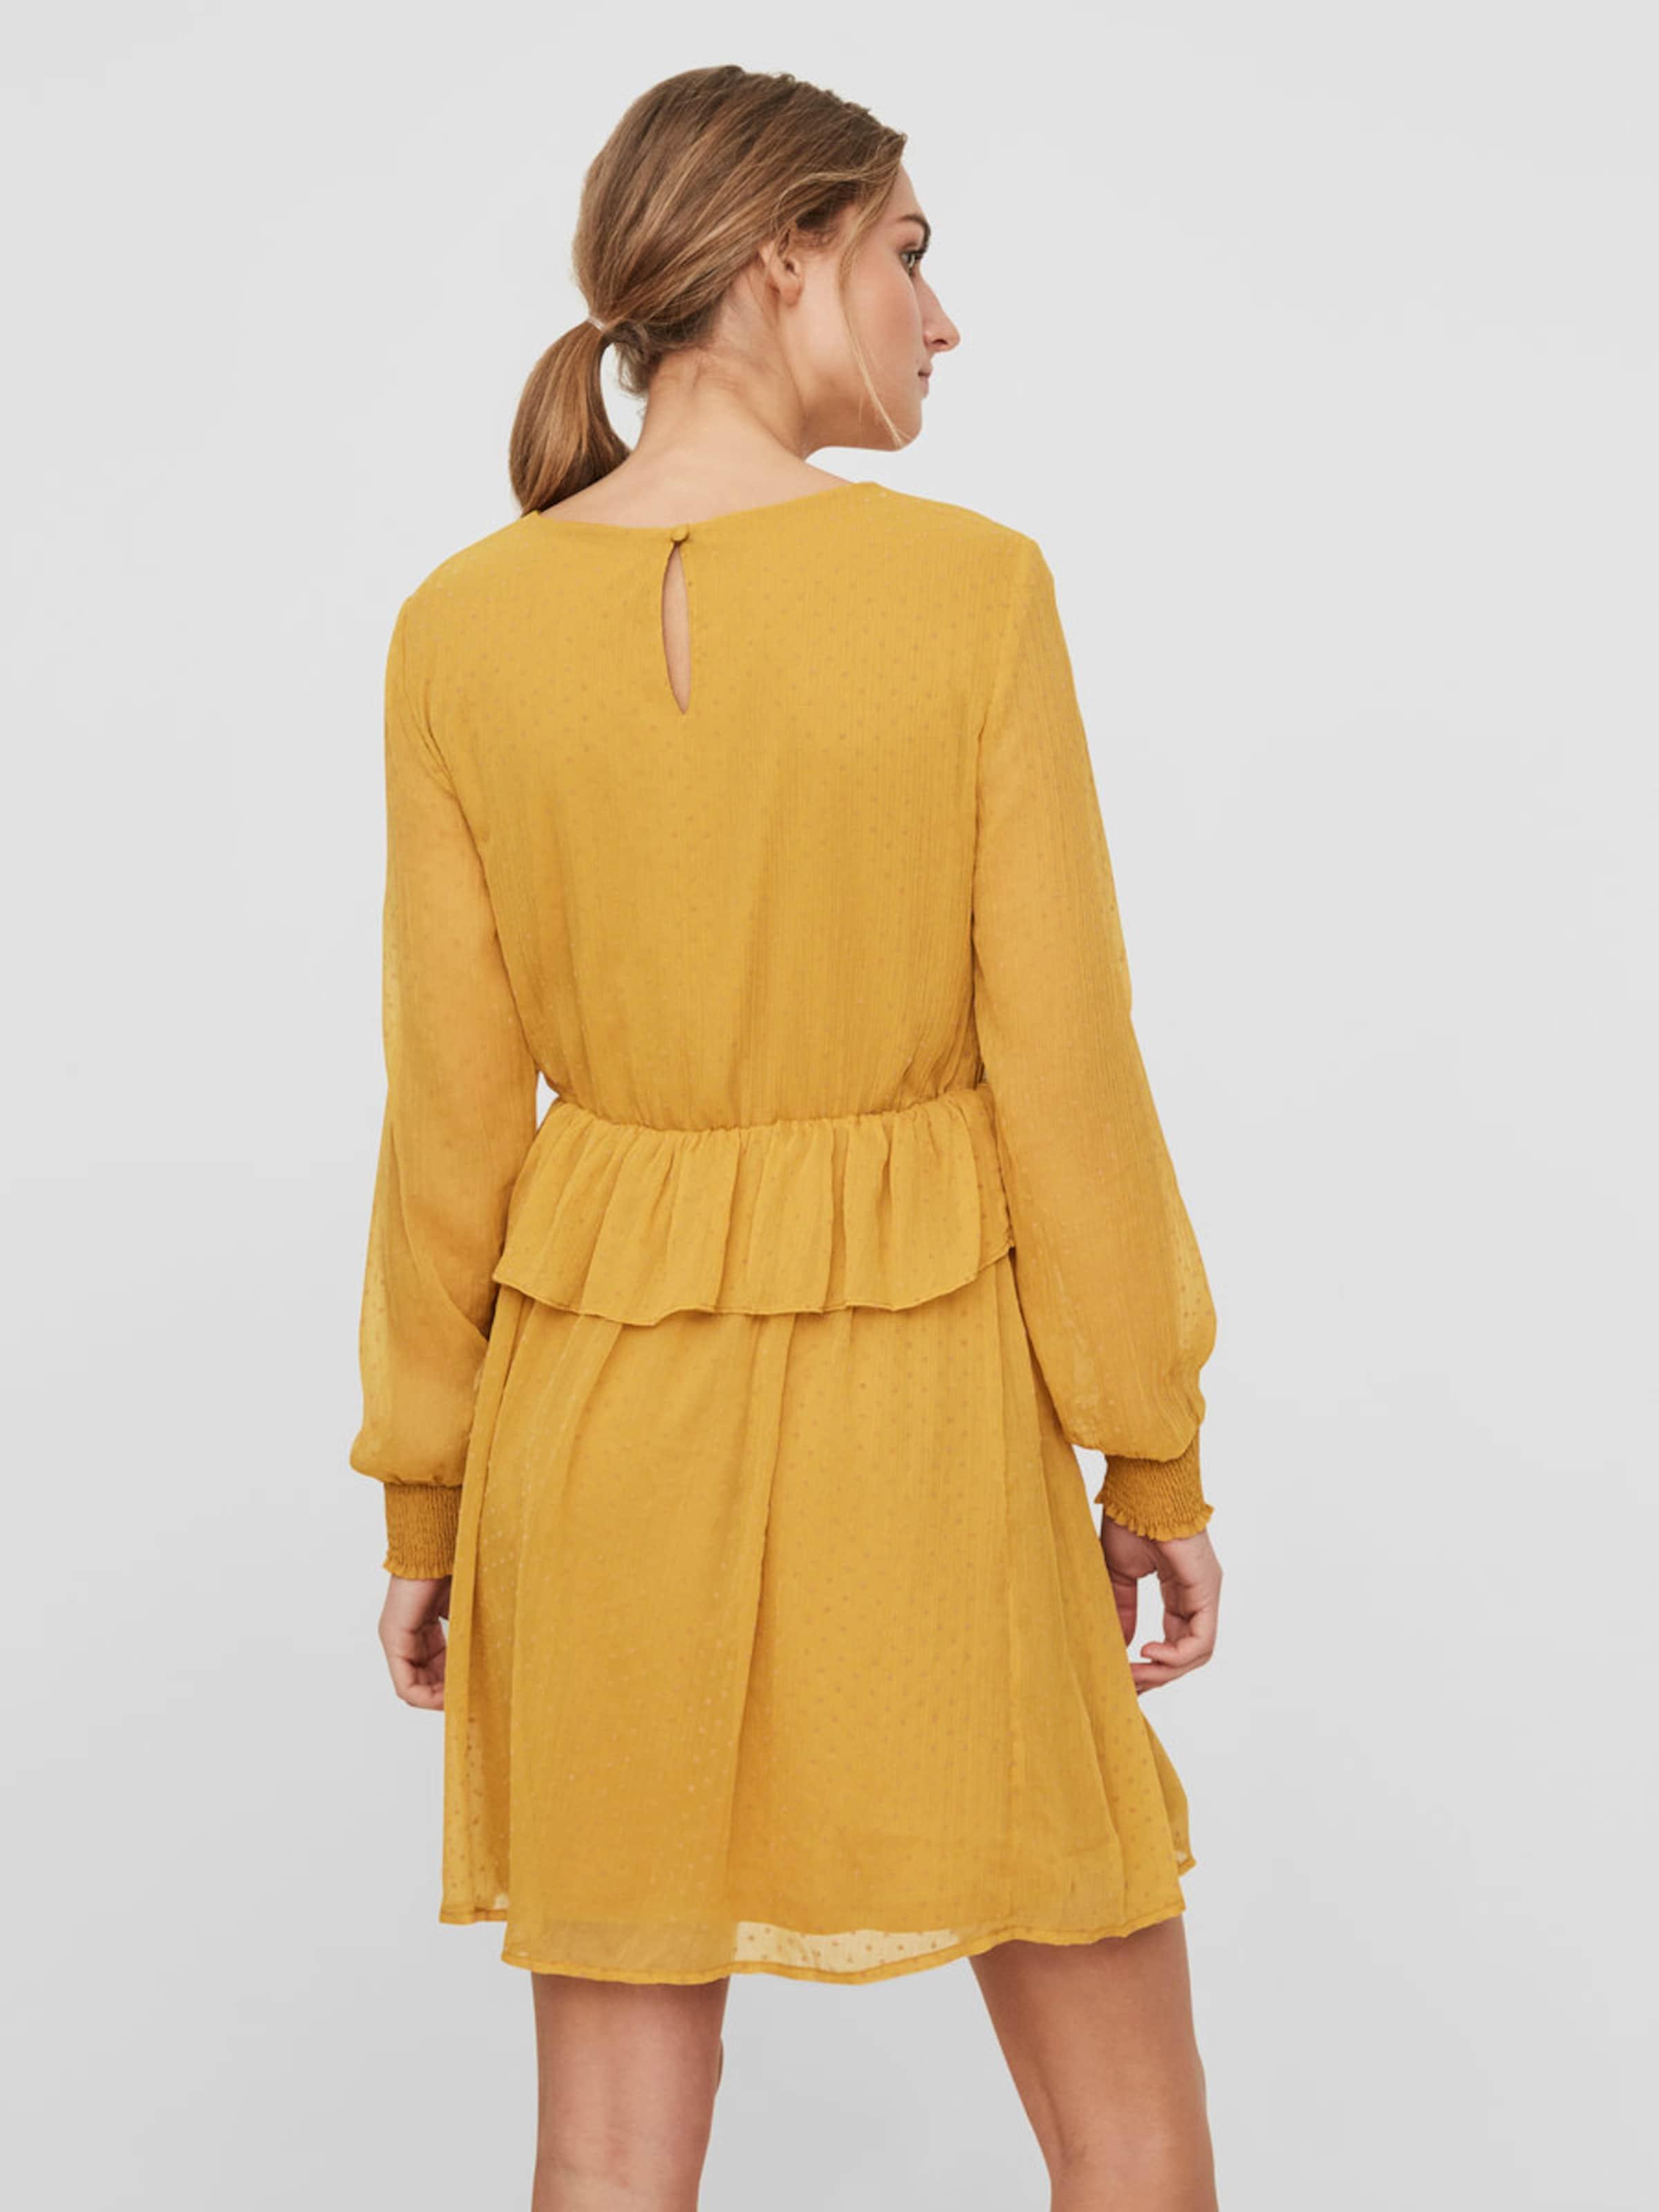 Spielraum Nicekicks Erschwinglich VERO MODA Kleid mit langen Ärmeln Feminines Billige Schnelle Lieferung TS89UN0b